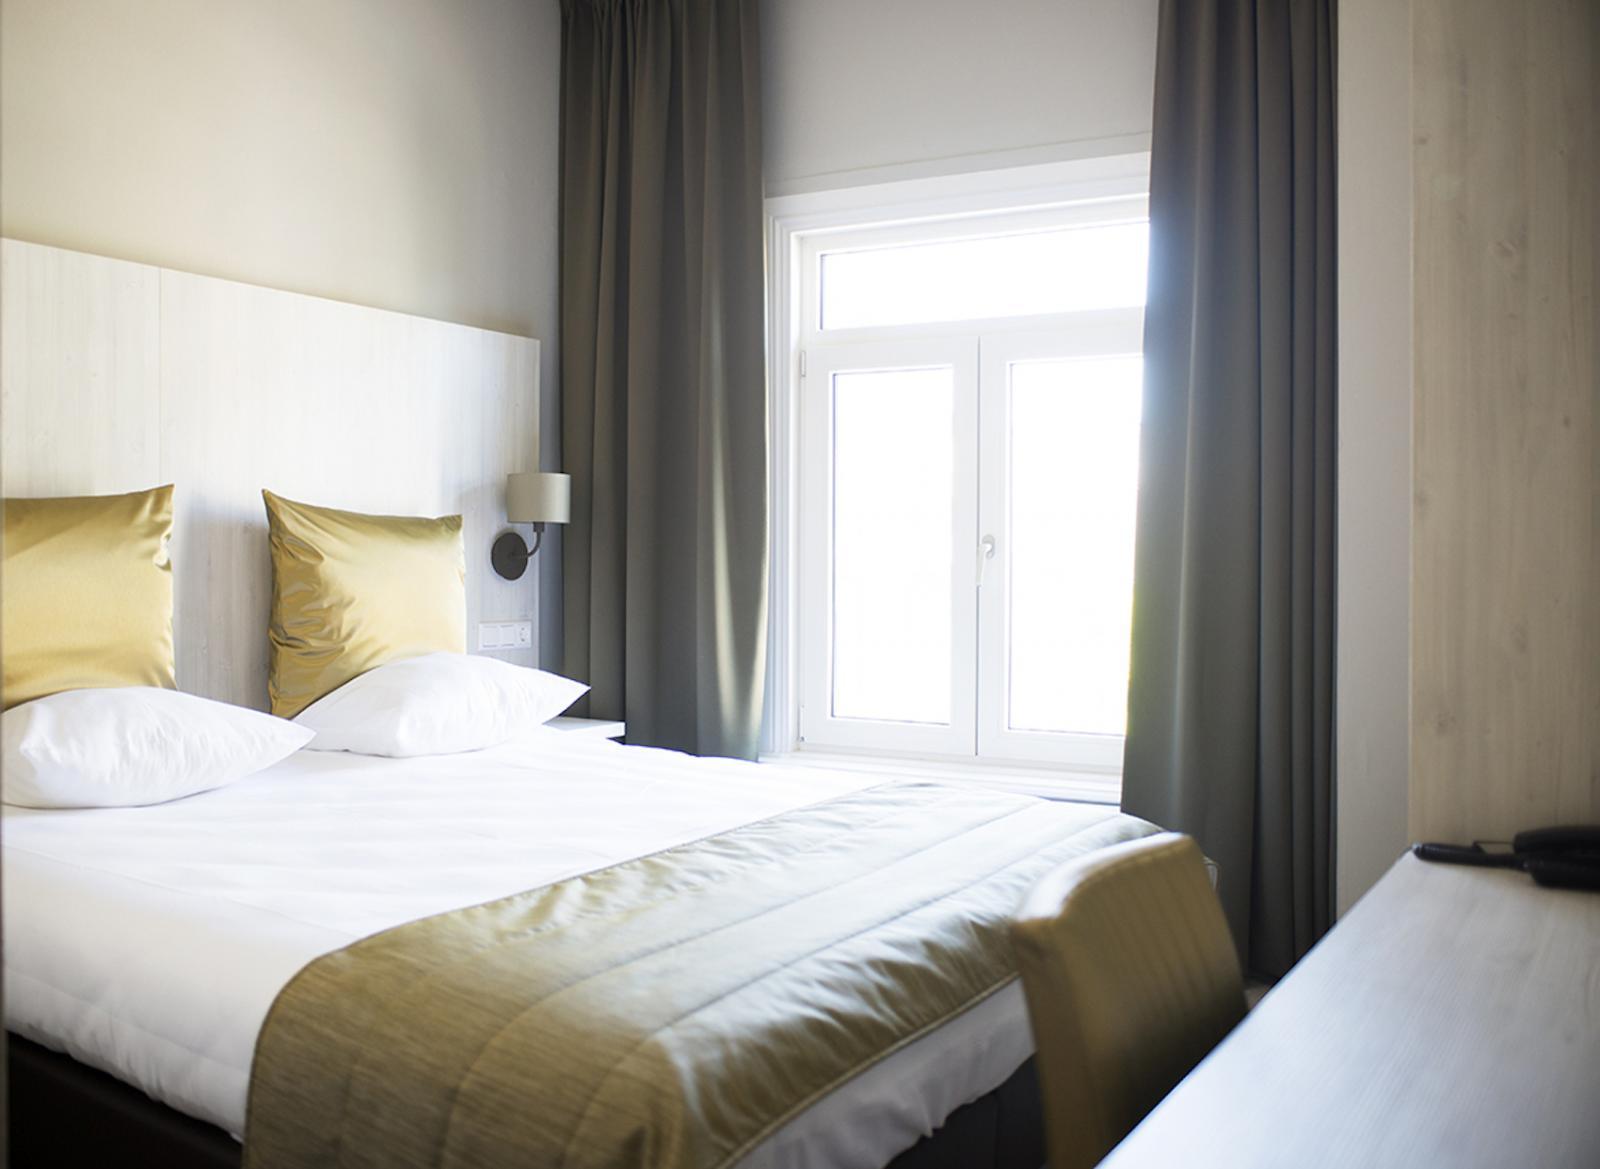 Kamers - Apple Inn, Amsterdam